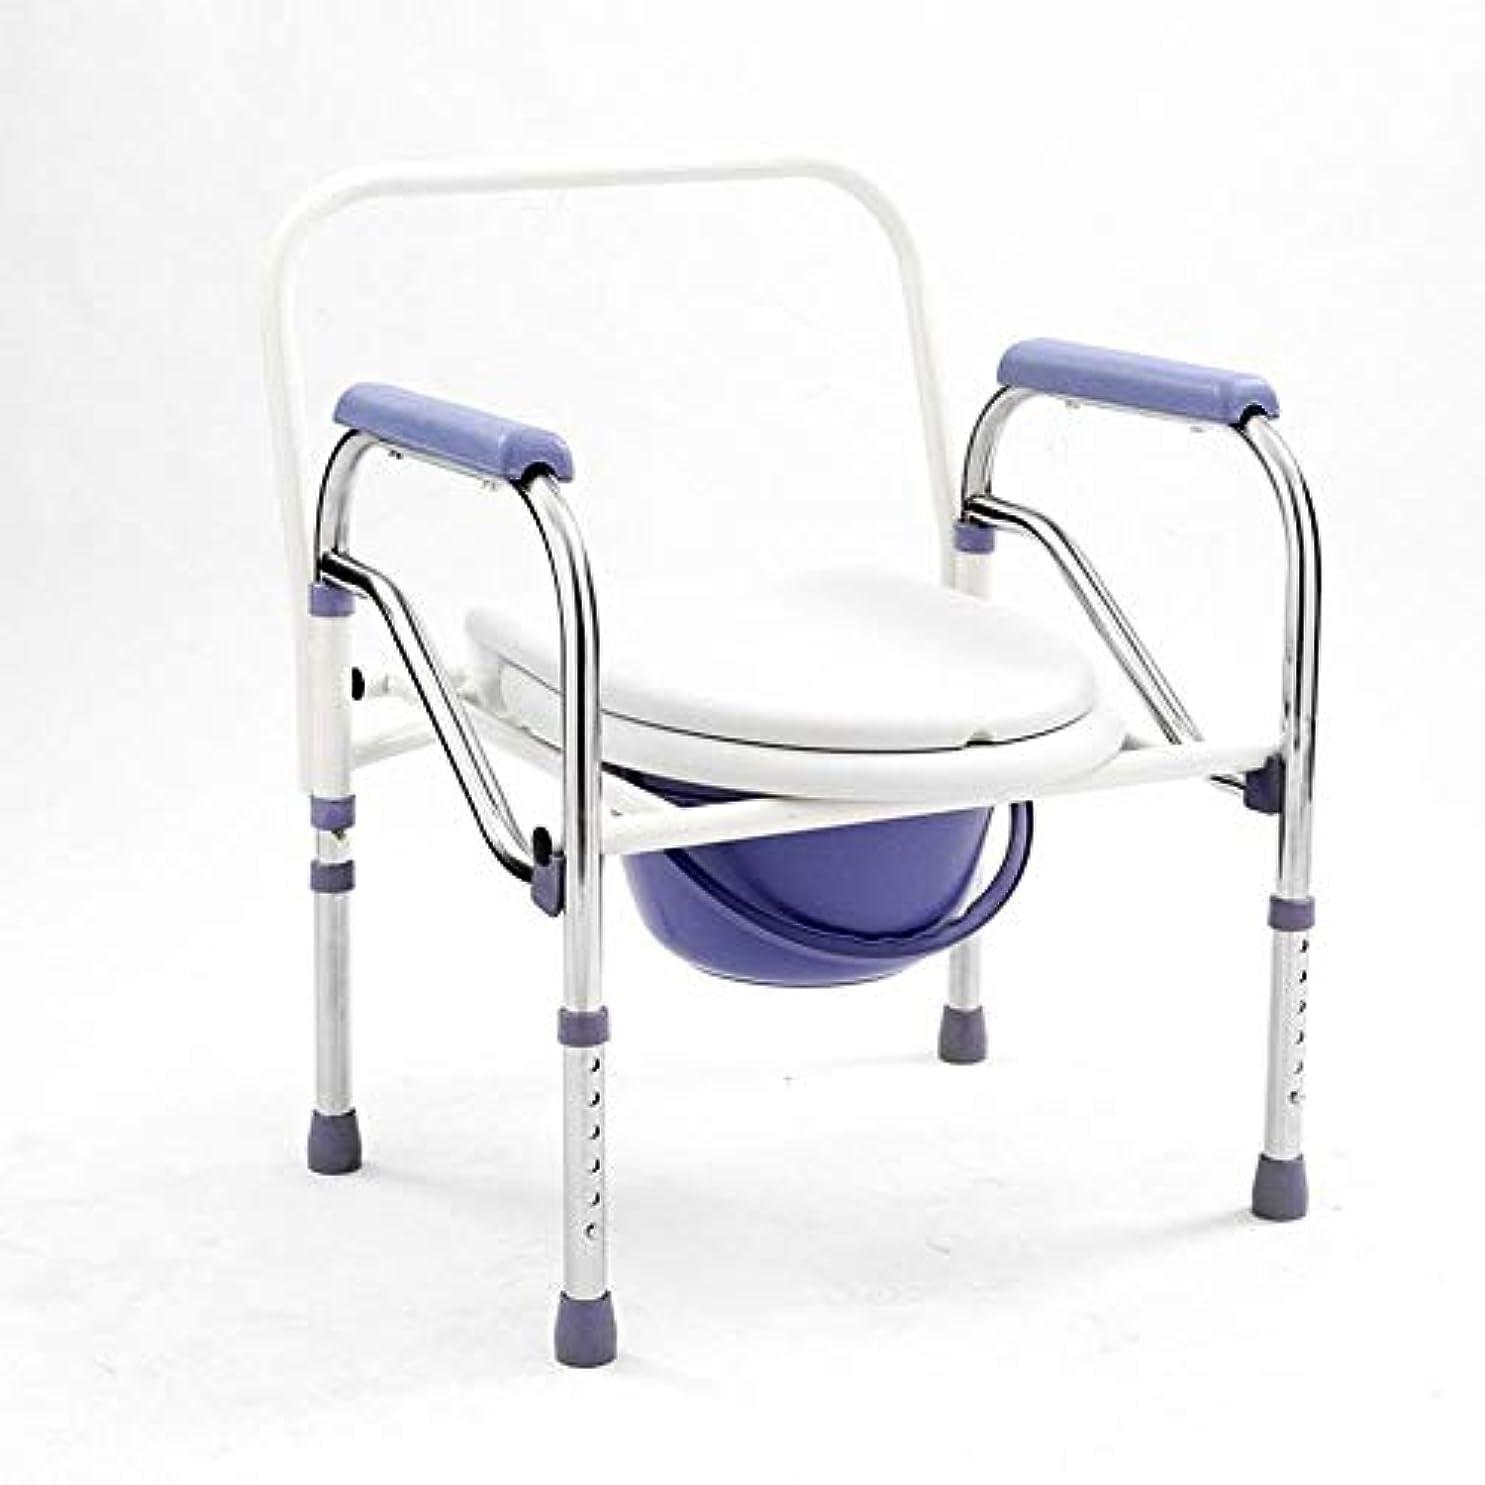 試みる先生つま先高齢者の歩行者のための多機能便器椅子、折りたたみ軽量便器椅子